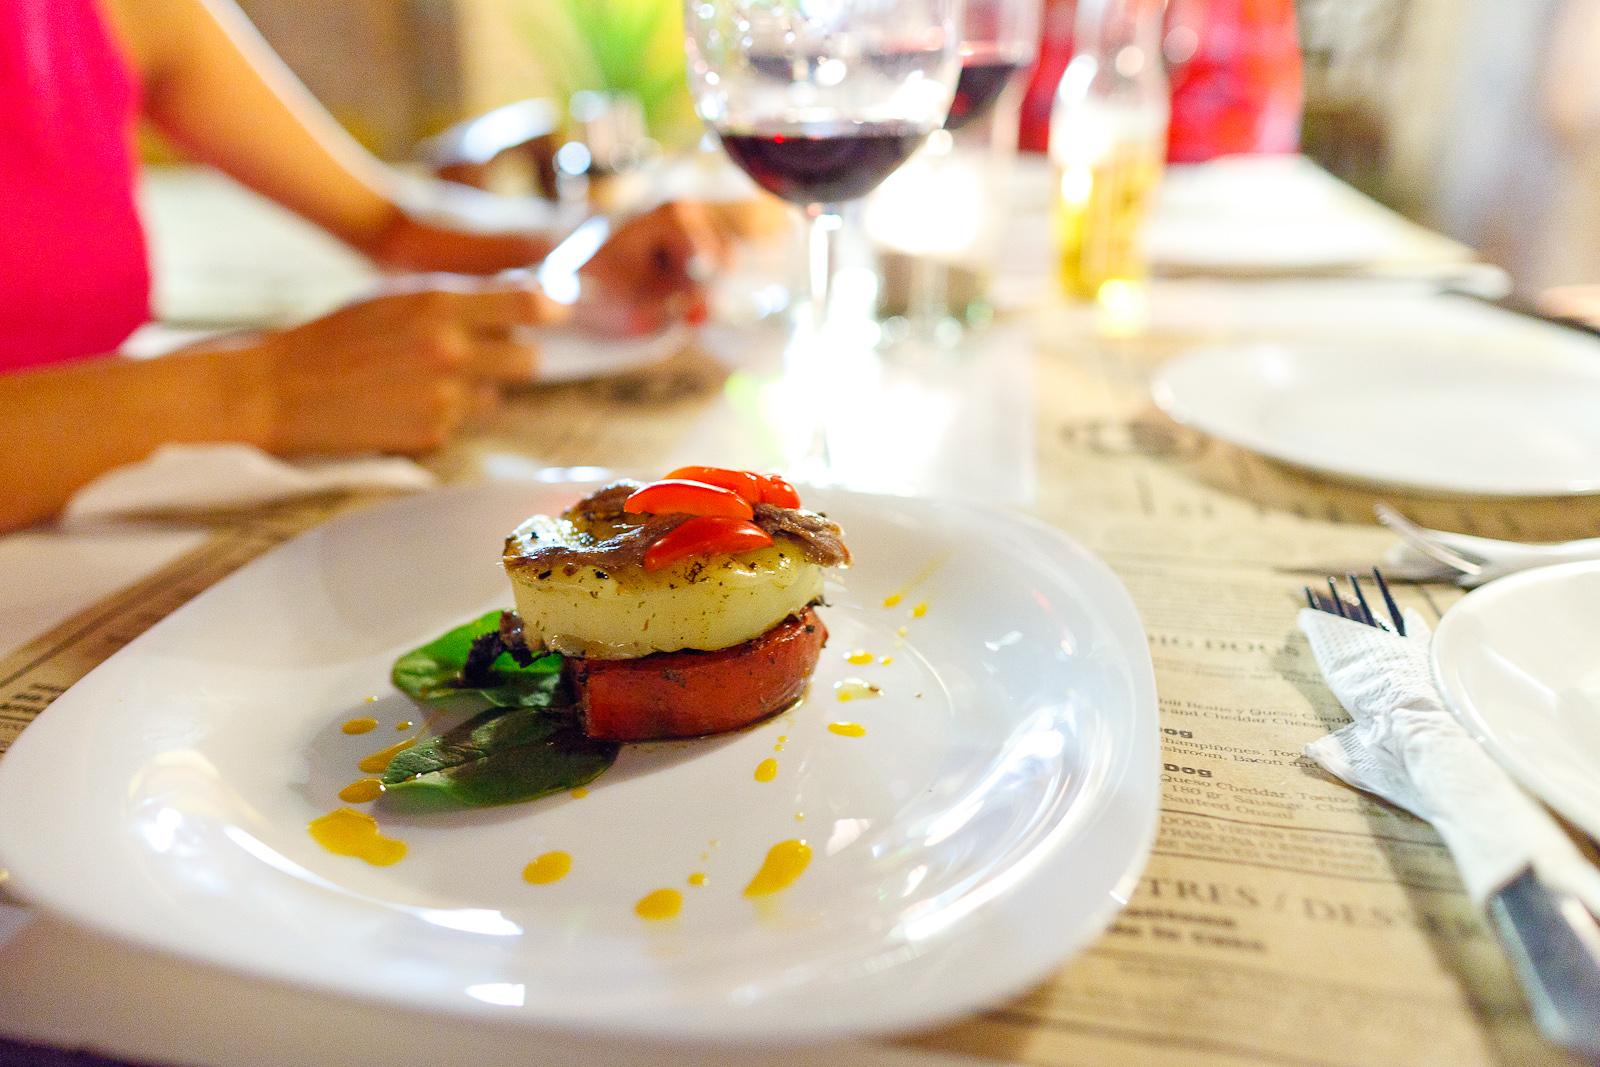 Provoleta en tomate a la parilla (Grilled provolone cheese and tomato) (MXP $77)